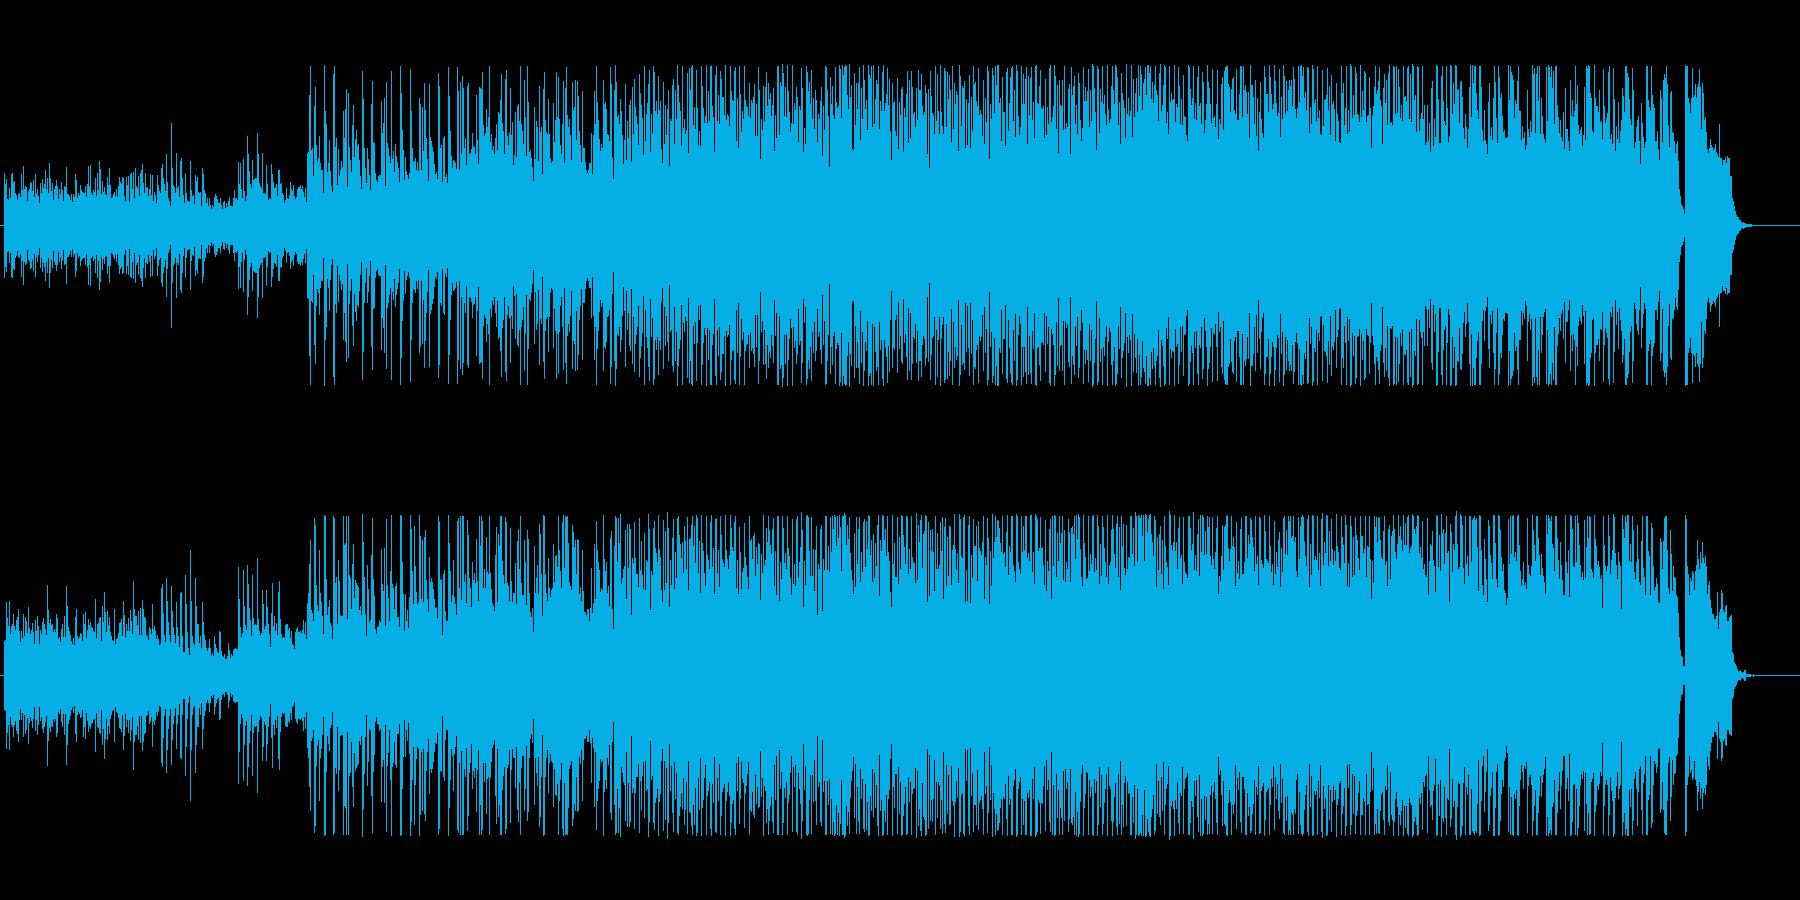 未来風~前向きなアップテンポ◎ピアノ旋律の再生済みの波形